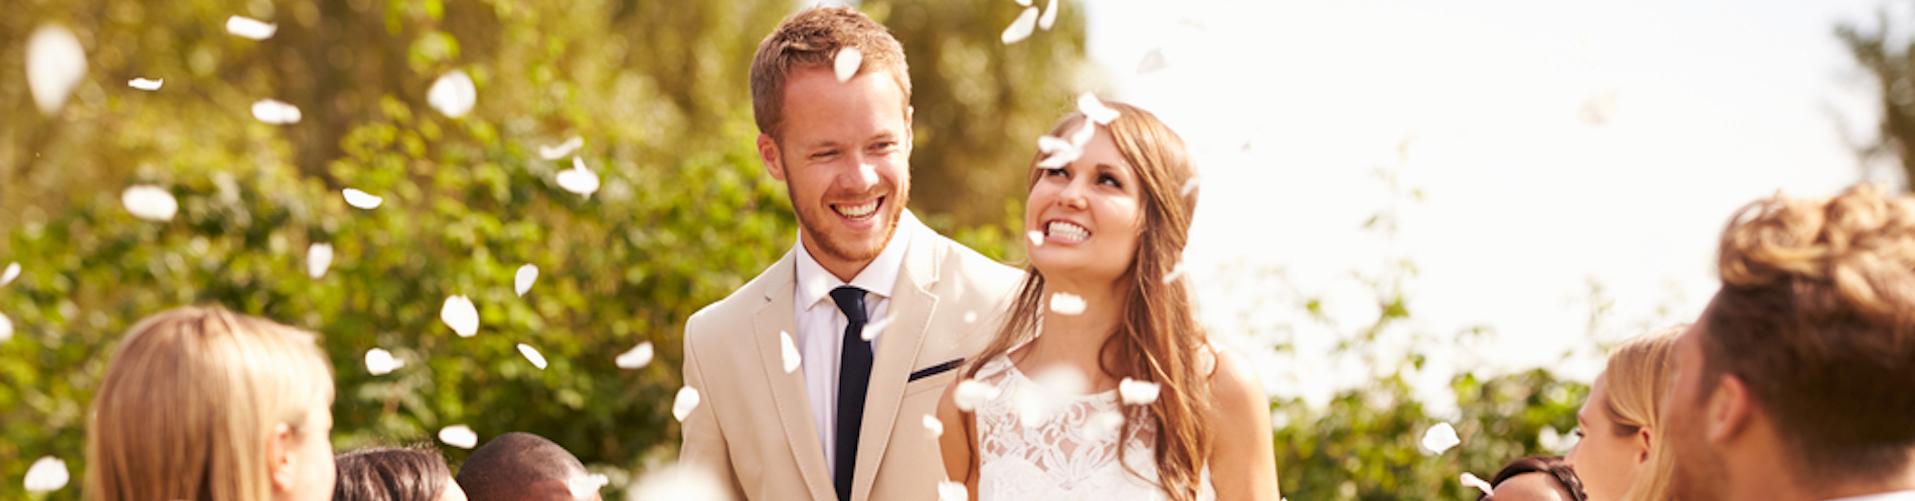 Advice On Planning An Outdoor Summer Wedding Wedding Journal